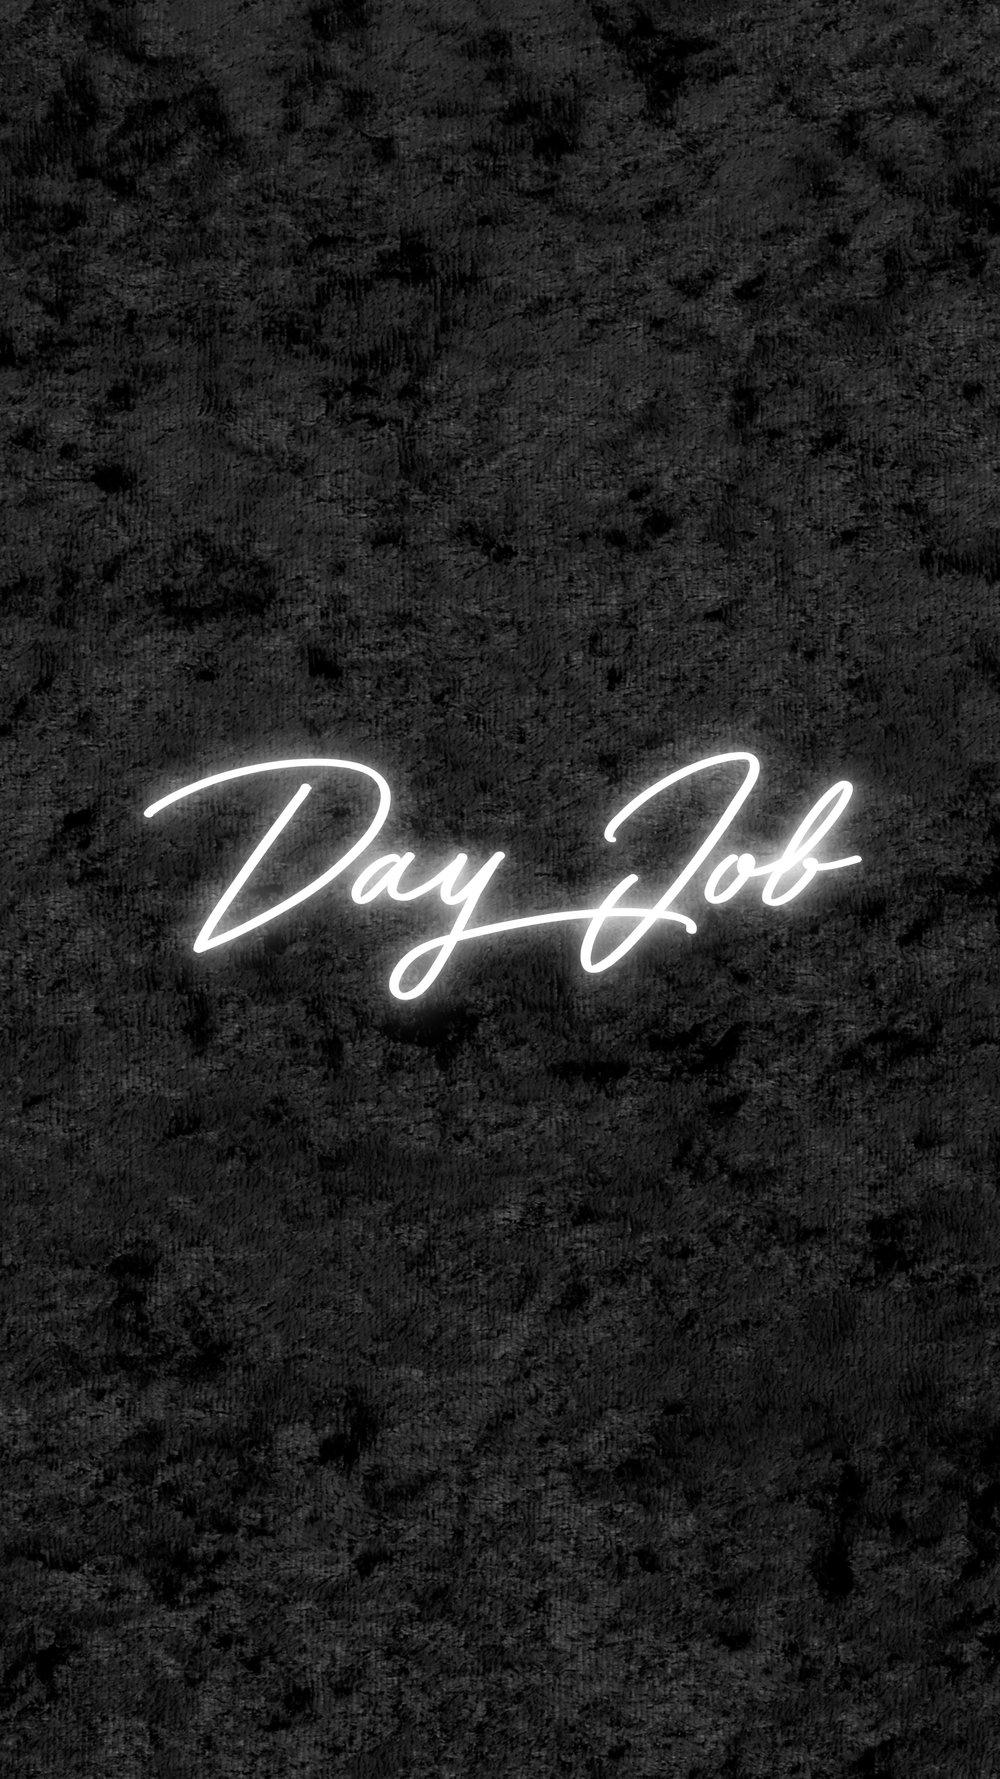 VE Day Job.jpg